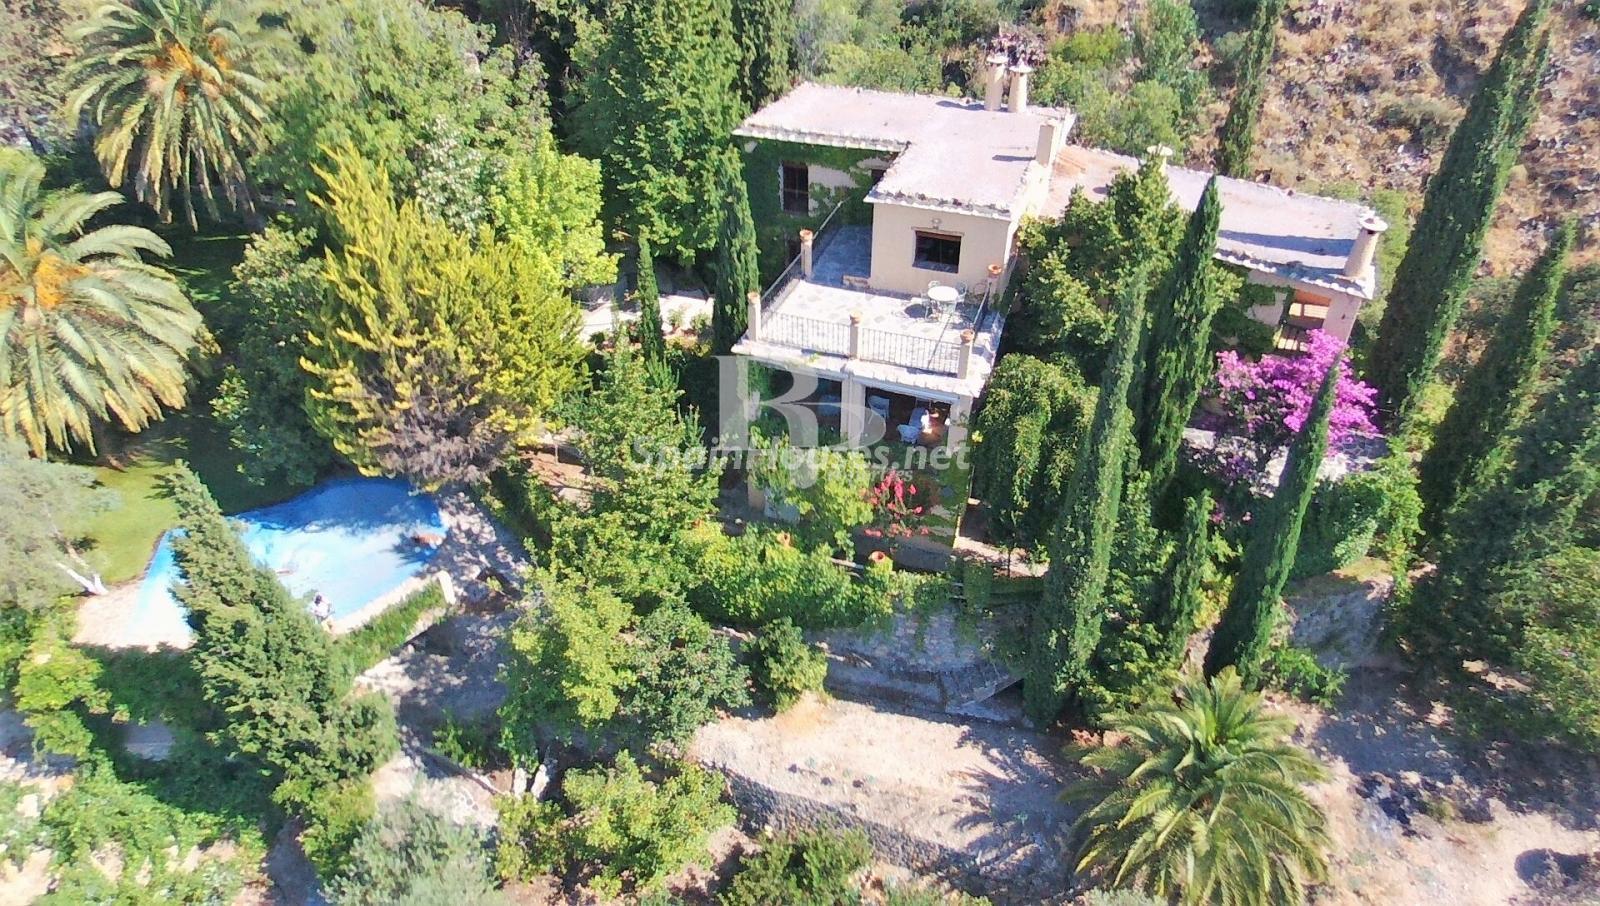 79874050 3157227 foto124480370 - Un paraje natural idilico en este encantador cortijo andaluz en Órgiva, La Alpujarra granadina